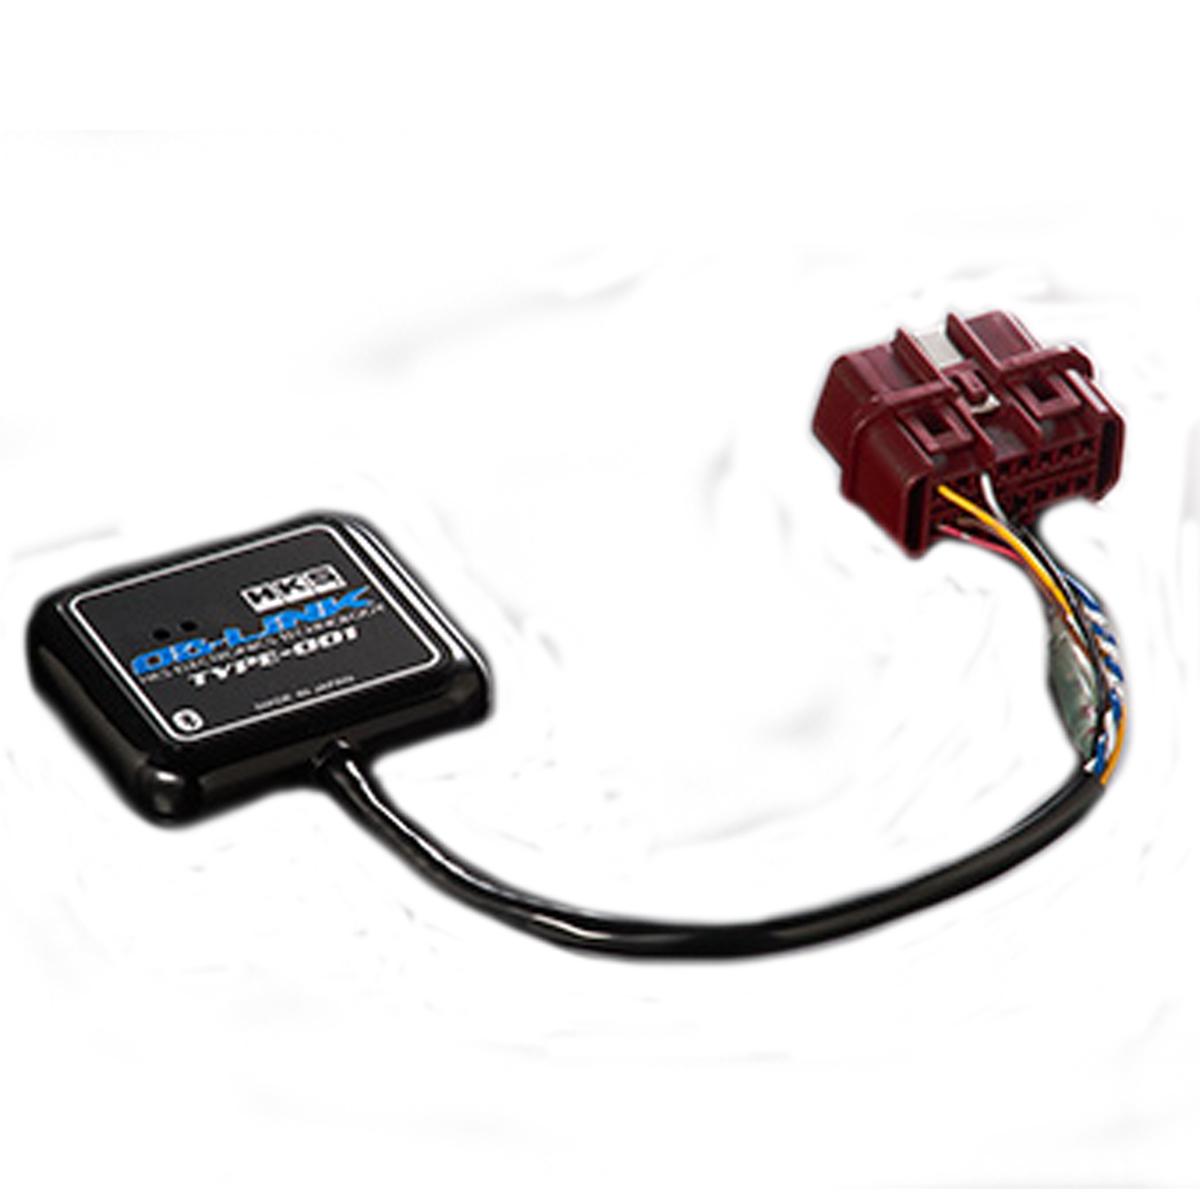 レクサス モニター OBリンク タイプ 001 UZS190 HKS 44009-AK002 エレクトリニクス